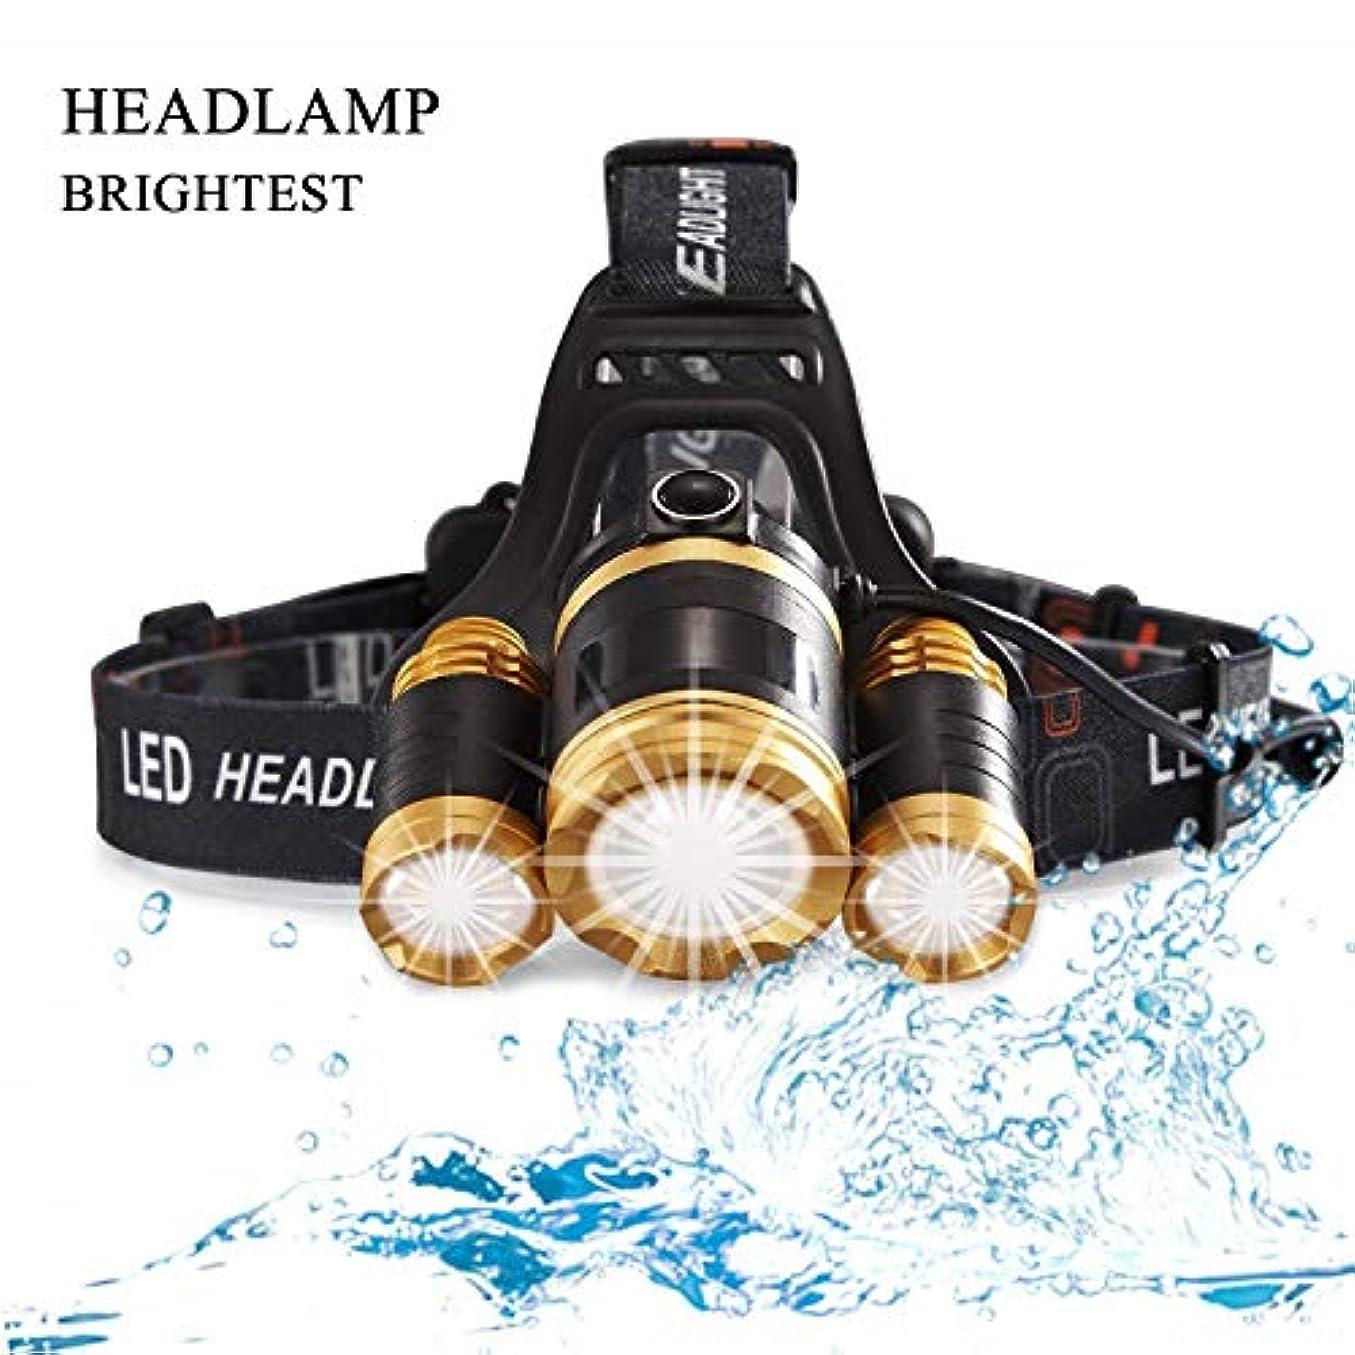 虐待矢建築家MUTANG 軽量超明るいLEDヘッドトーチ、充電式防水LEDヘッドランプ懐中電灯